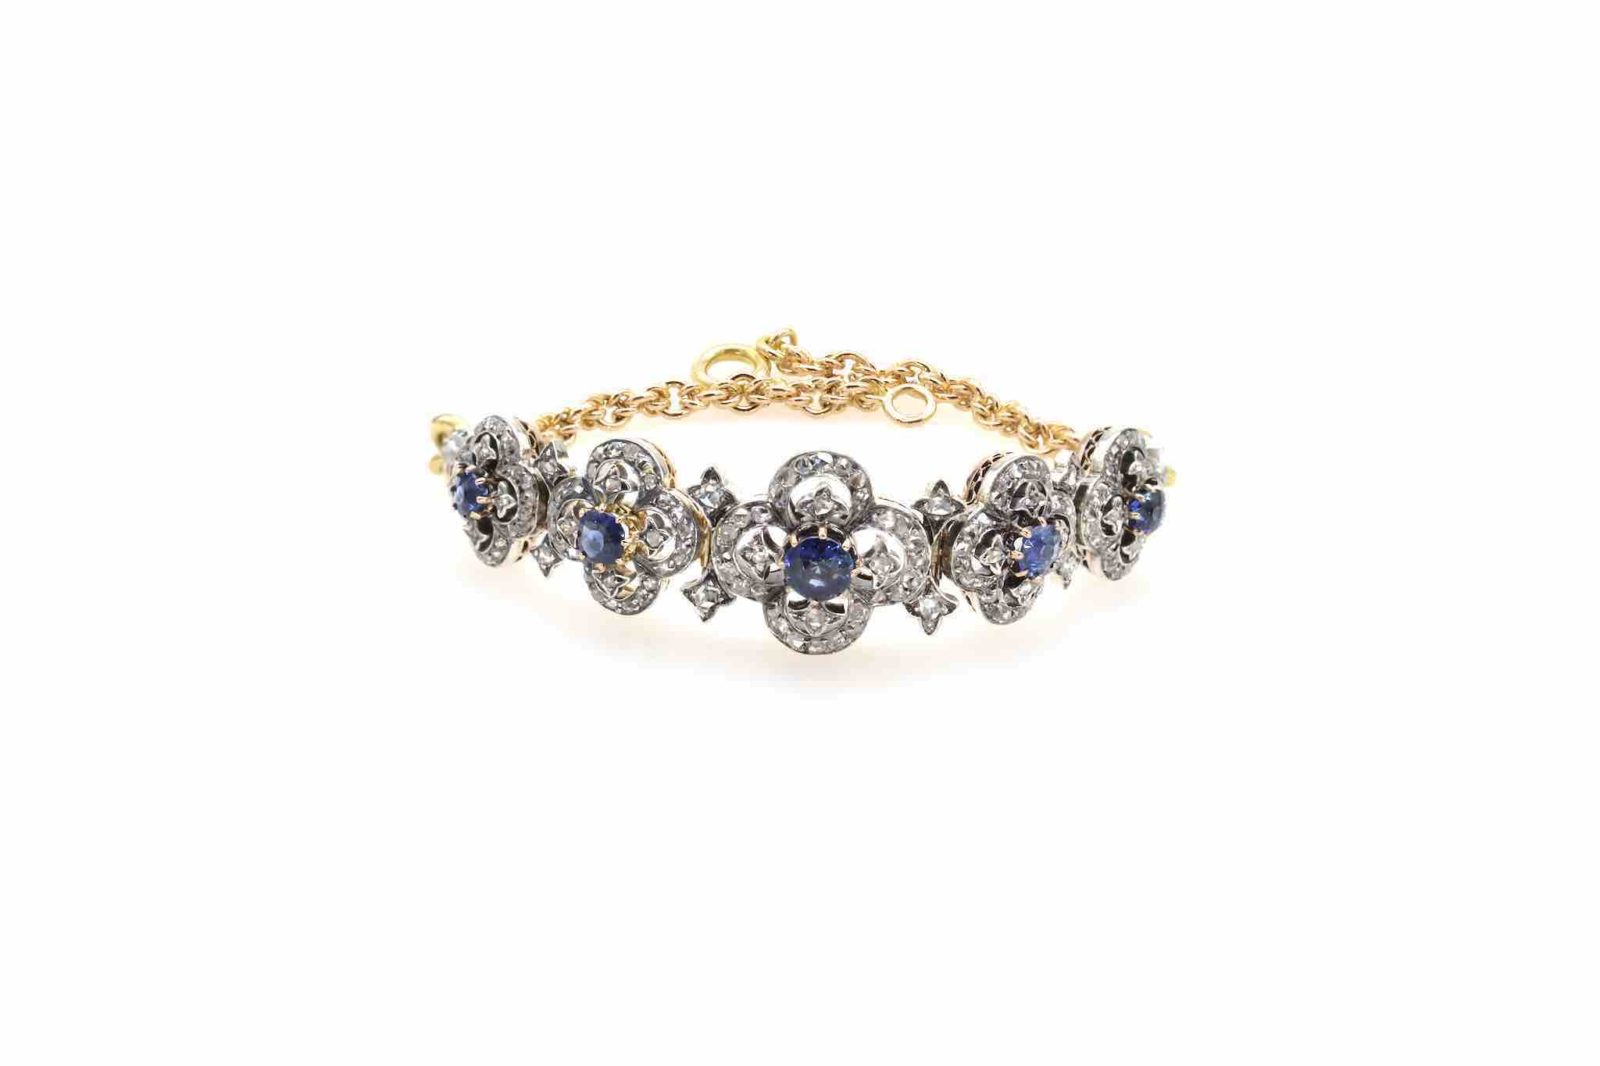 Bracelet ancien 19e siècle saphirs et diamants